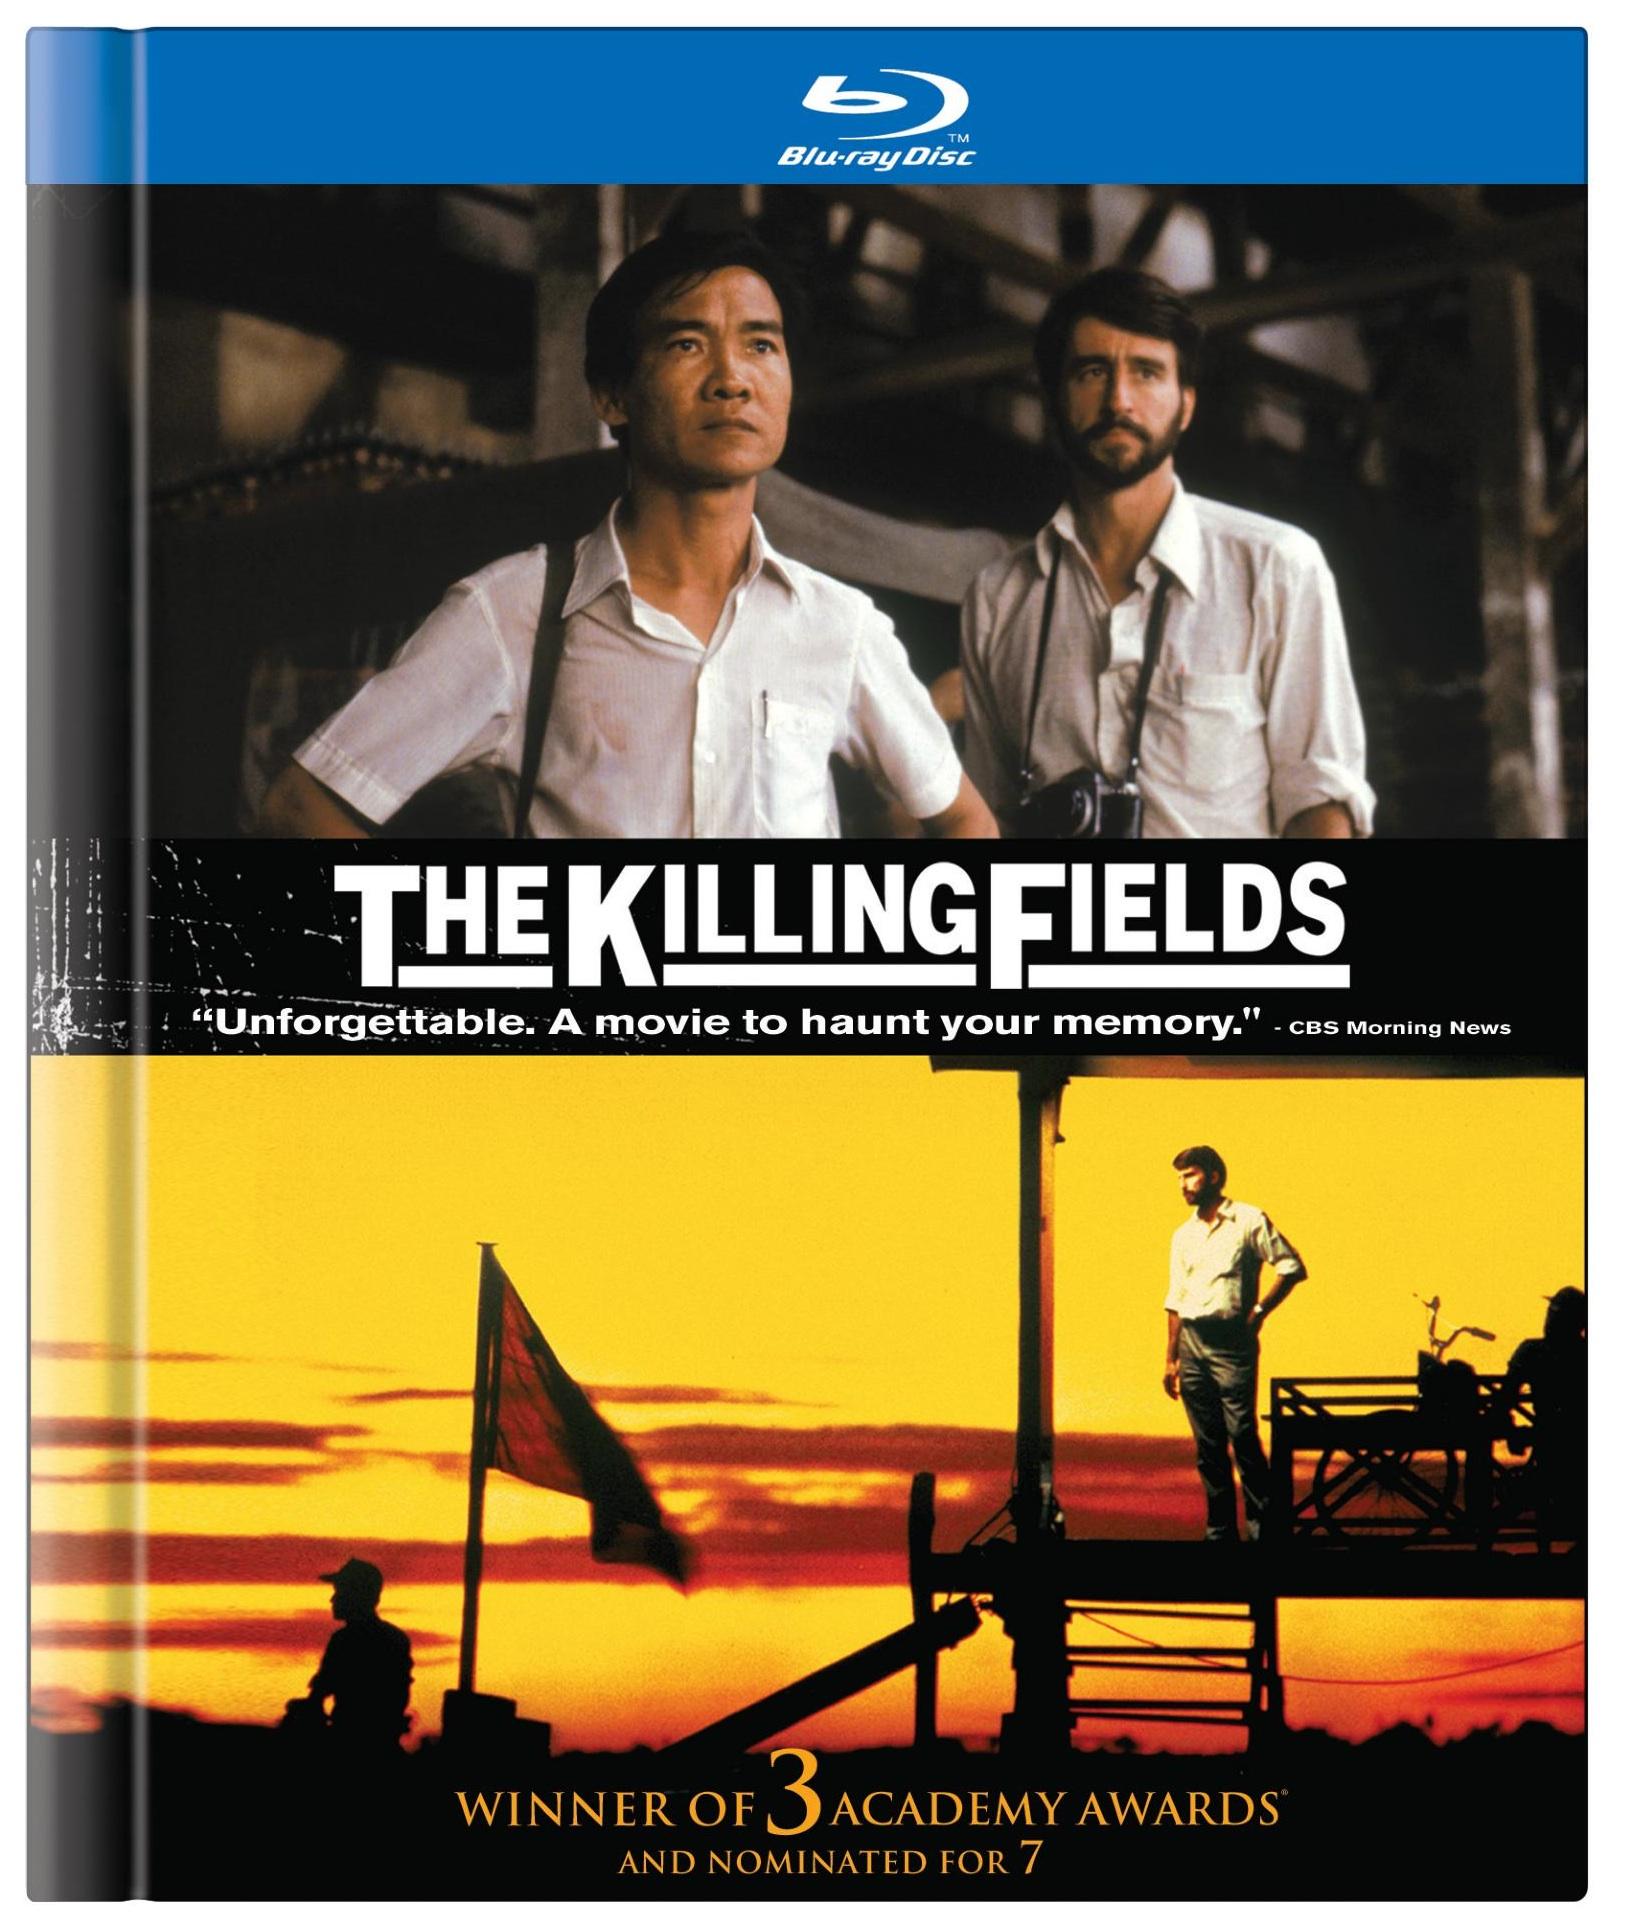 TheKillingFields